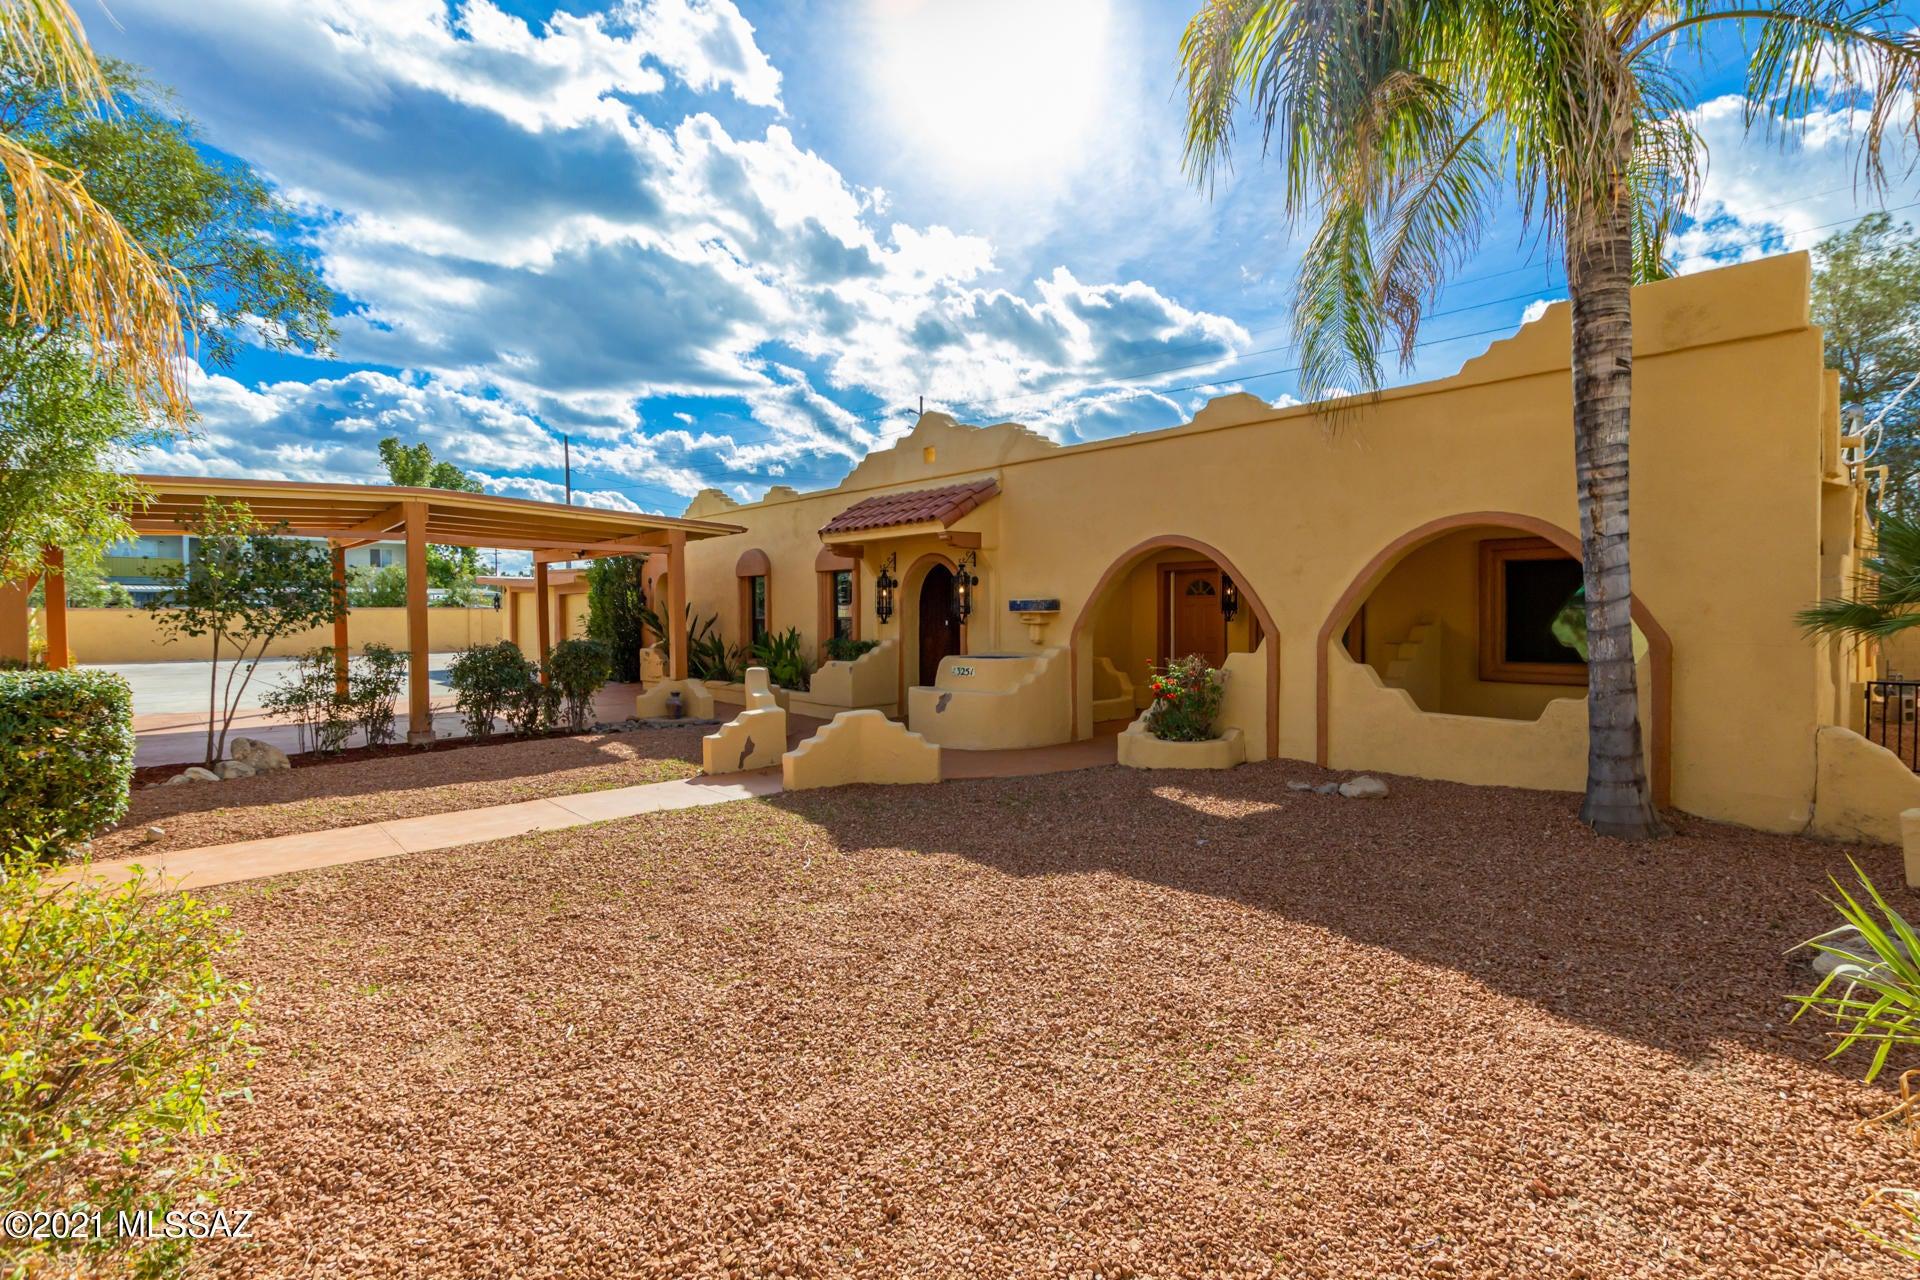 3251 N Cardi Boulevard, Tucson, AZ 85716